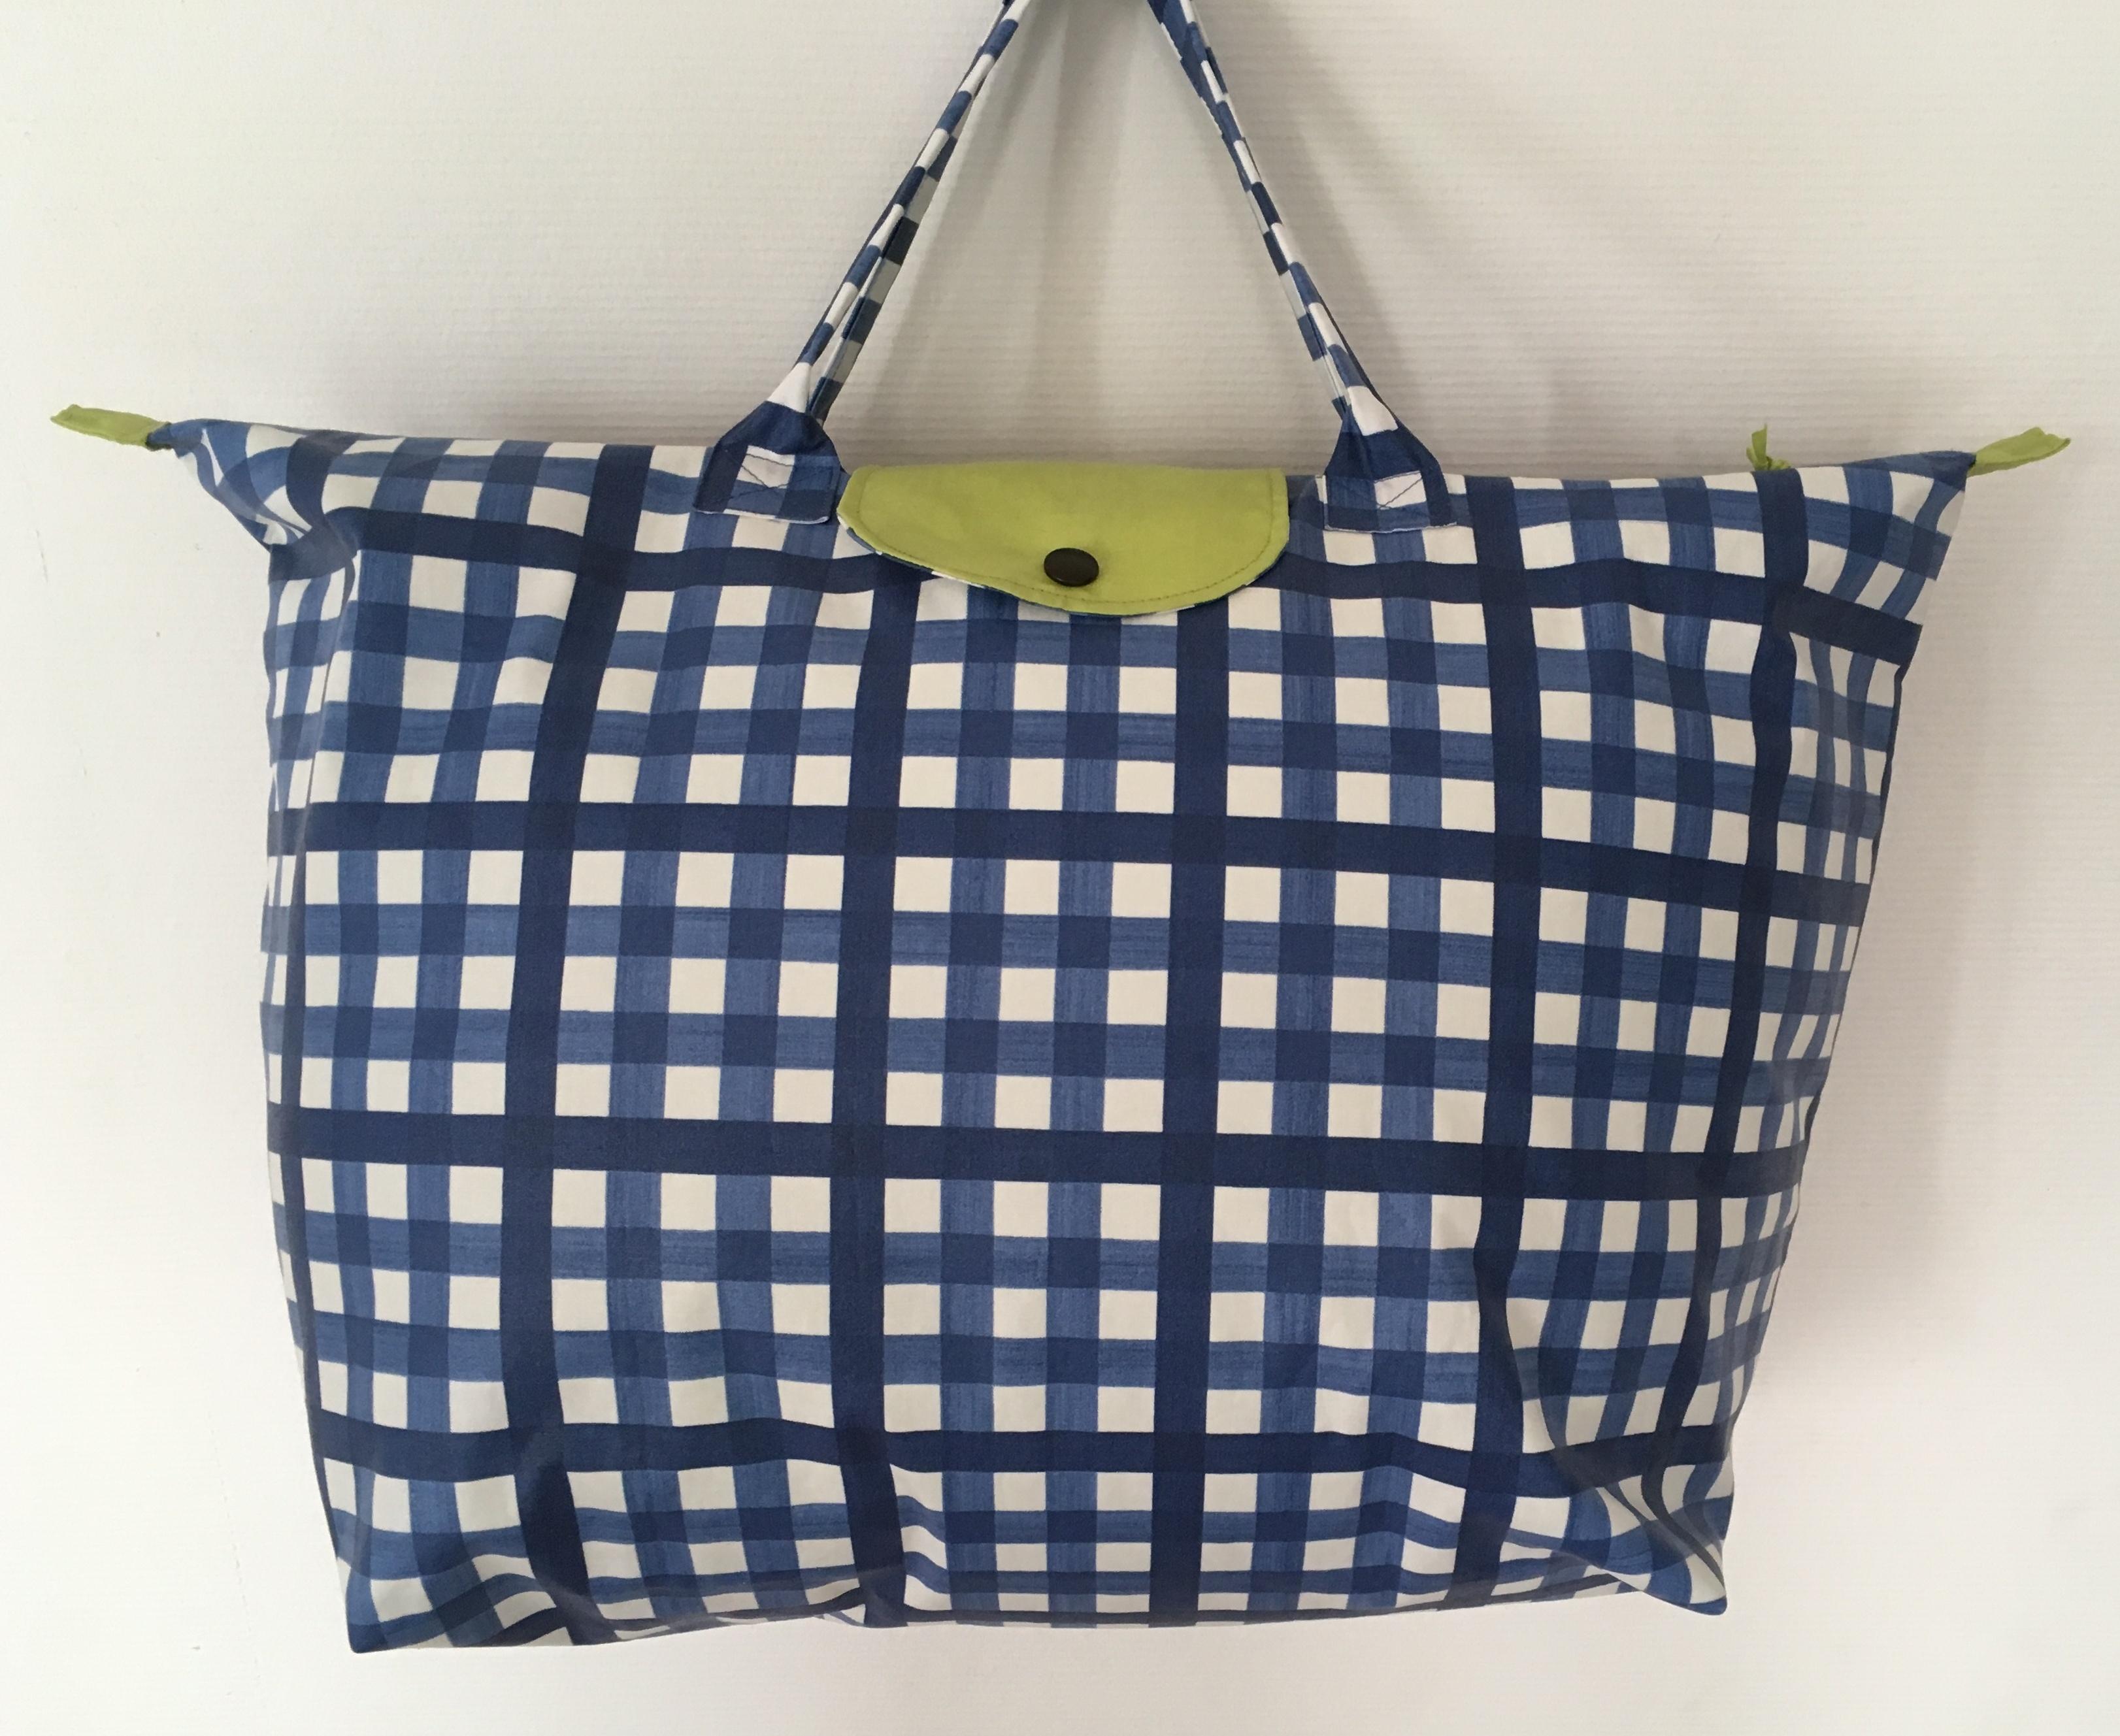 Le grand sac de voyage guinguette bleu.